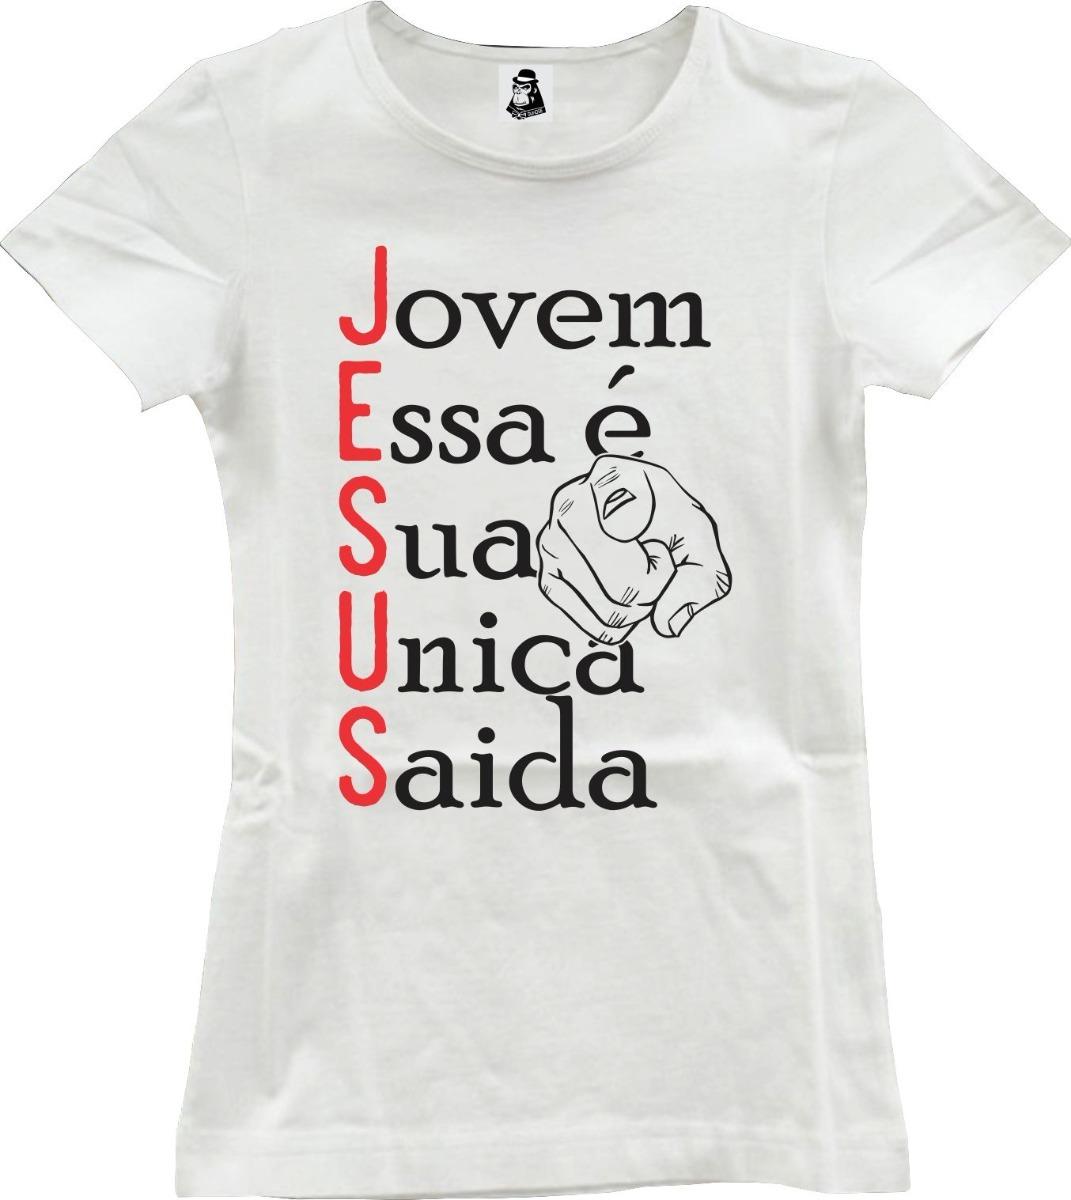 9c9807194 camisa camiseta feminina jesus jovem essa é sua única saída. Carregando  zoom.